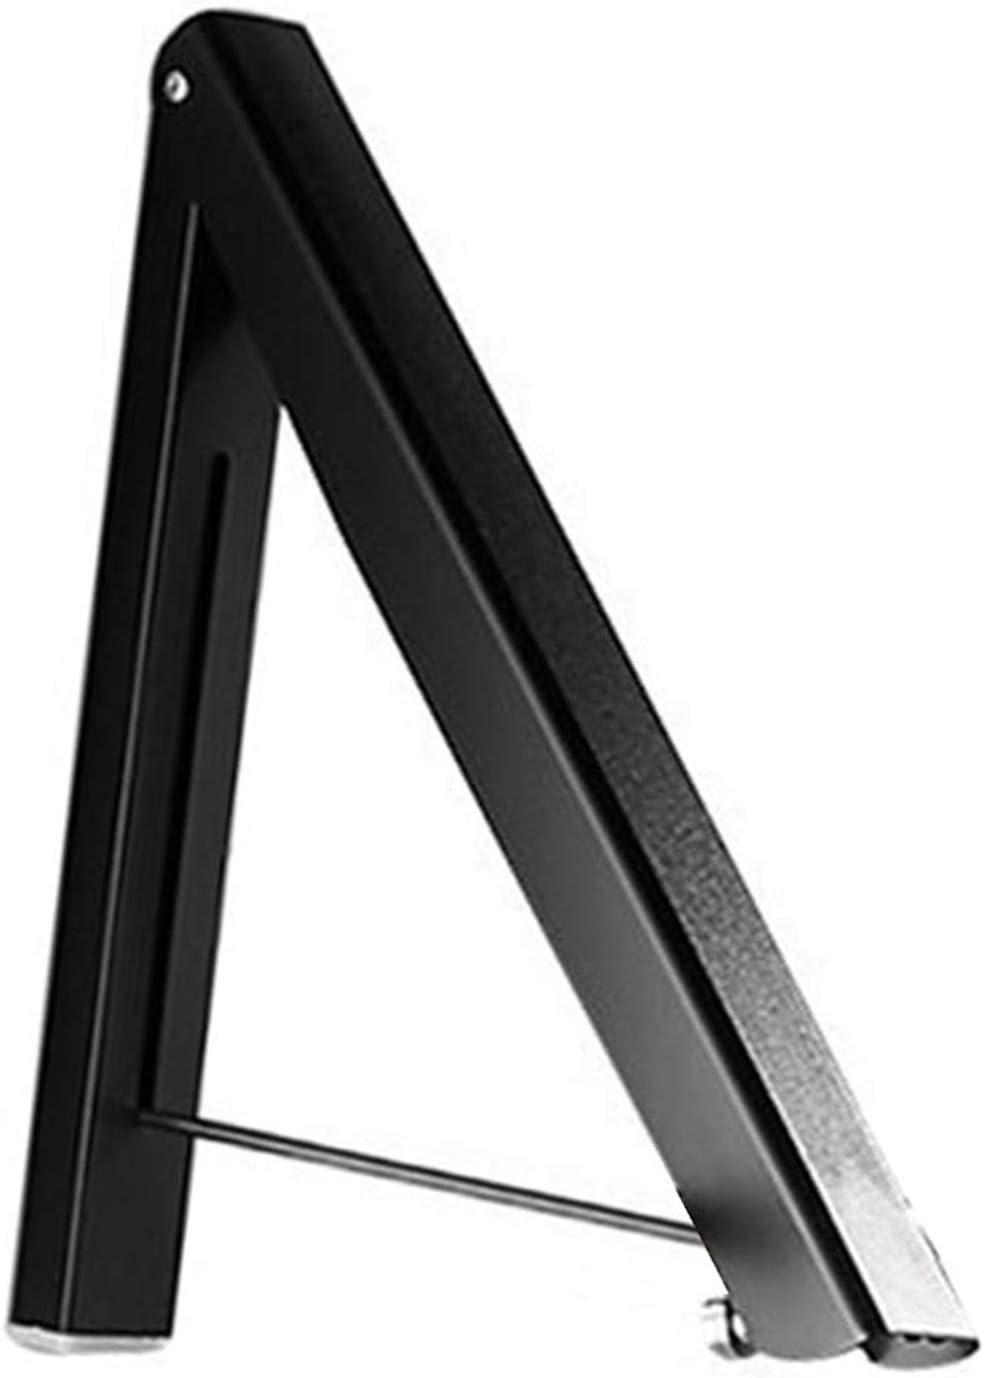 WSZMD Tendedero Ropa Ropa De Montaje De Pared Plegable Aperador Perchador Organizador Ajustable Estante, Ropa Aireer (Color : Black)